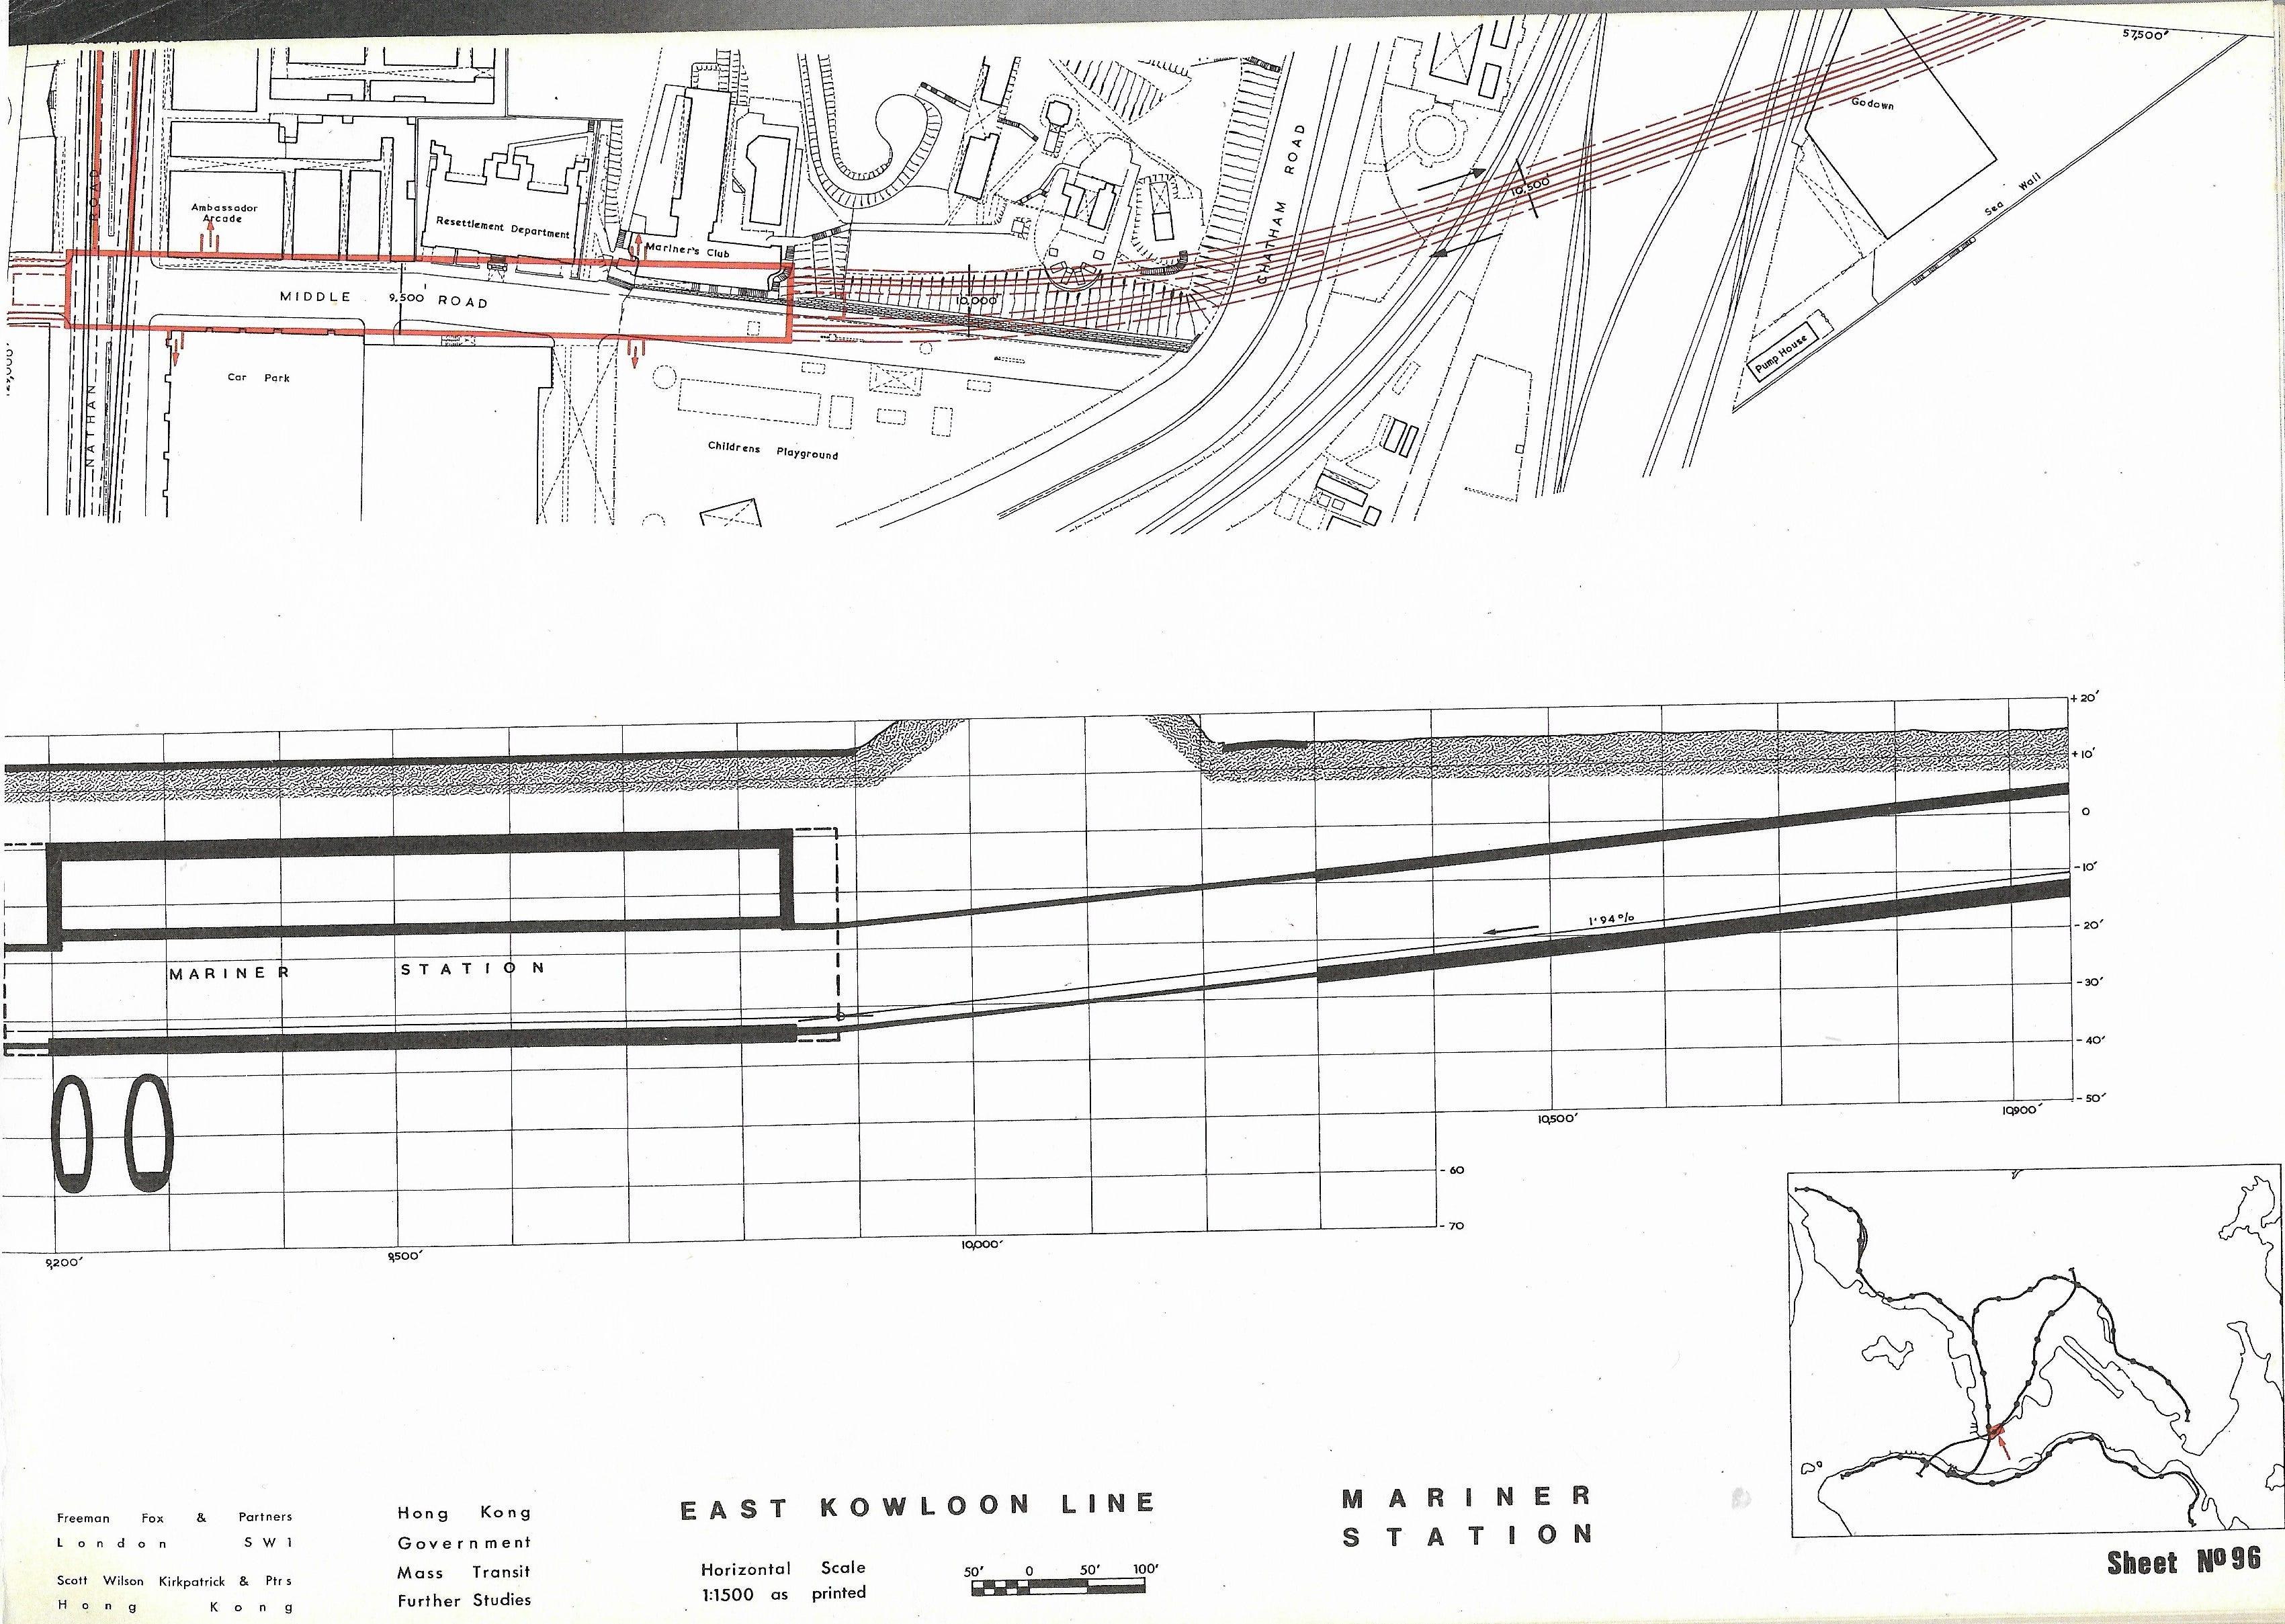 【香港鐵路史補遺】「消失」嘅地鐵站名 - 滄海遺珠 | Alternative HK | 平行時空下的香港史 - Medium